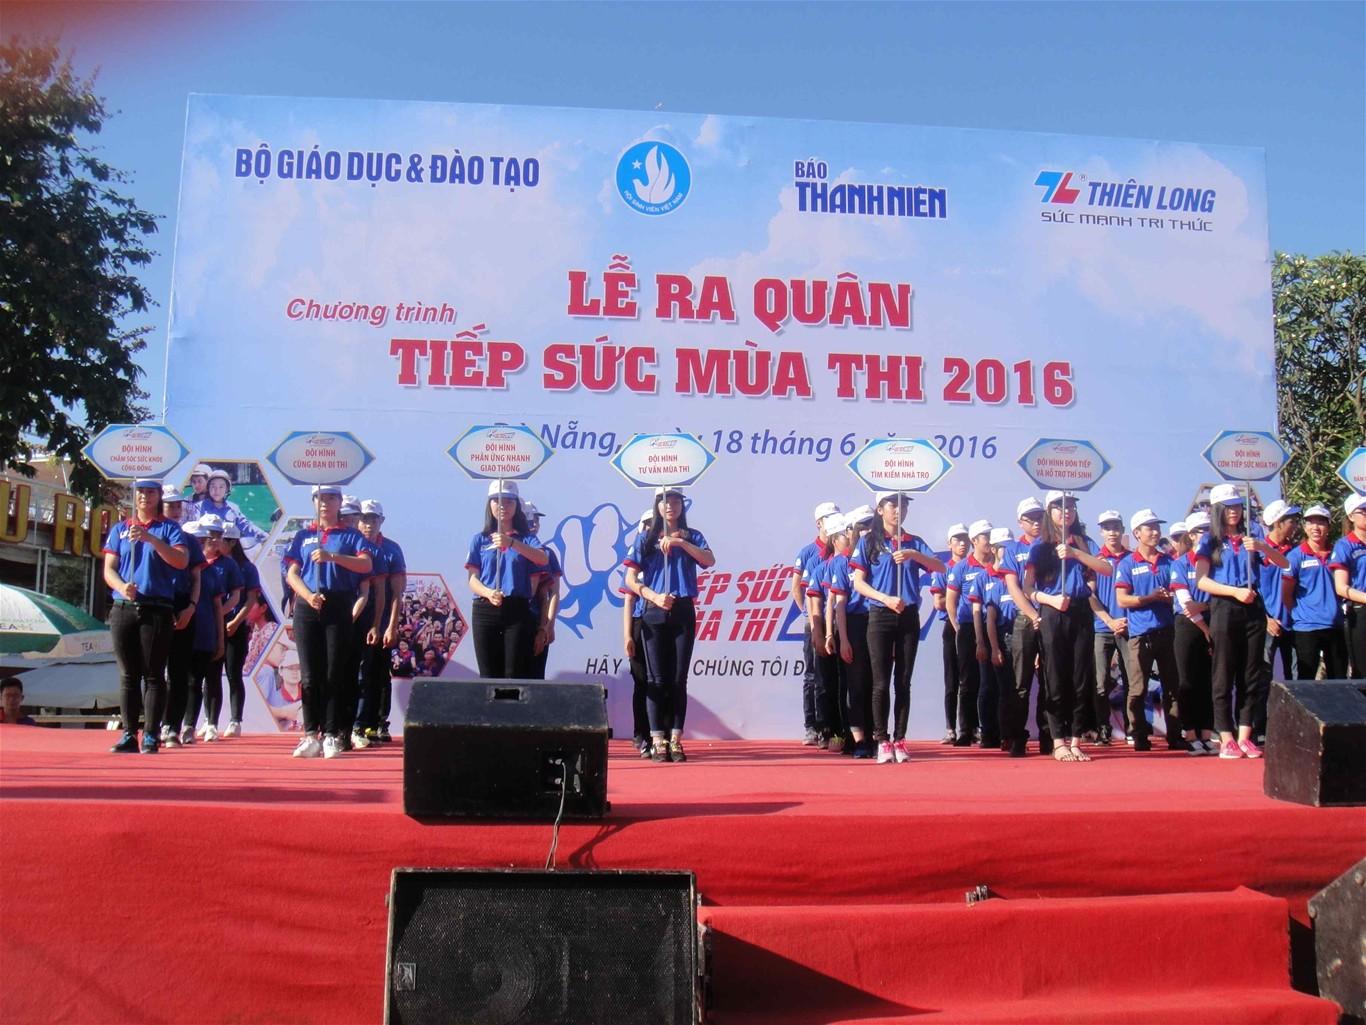 Các đội hình Tiếp sức mùa thi 2016